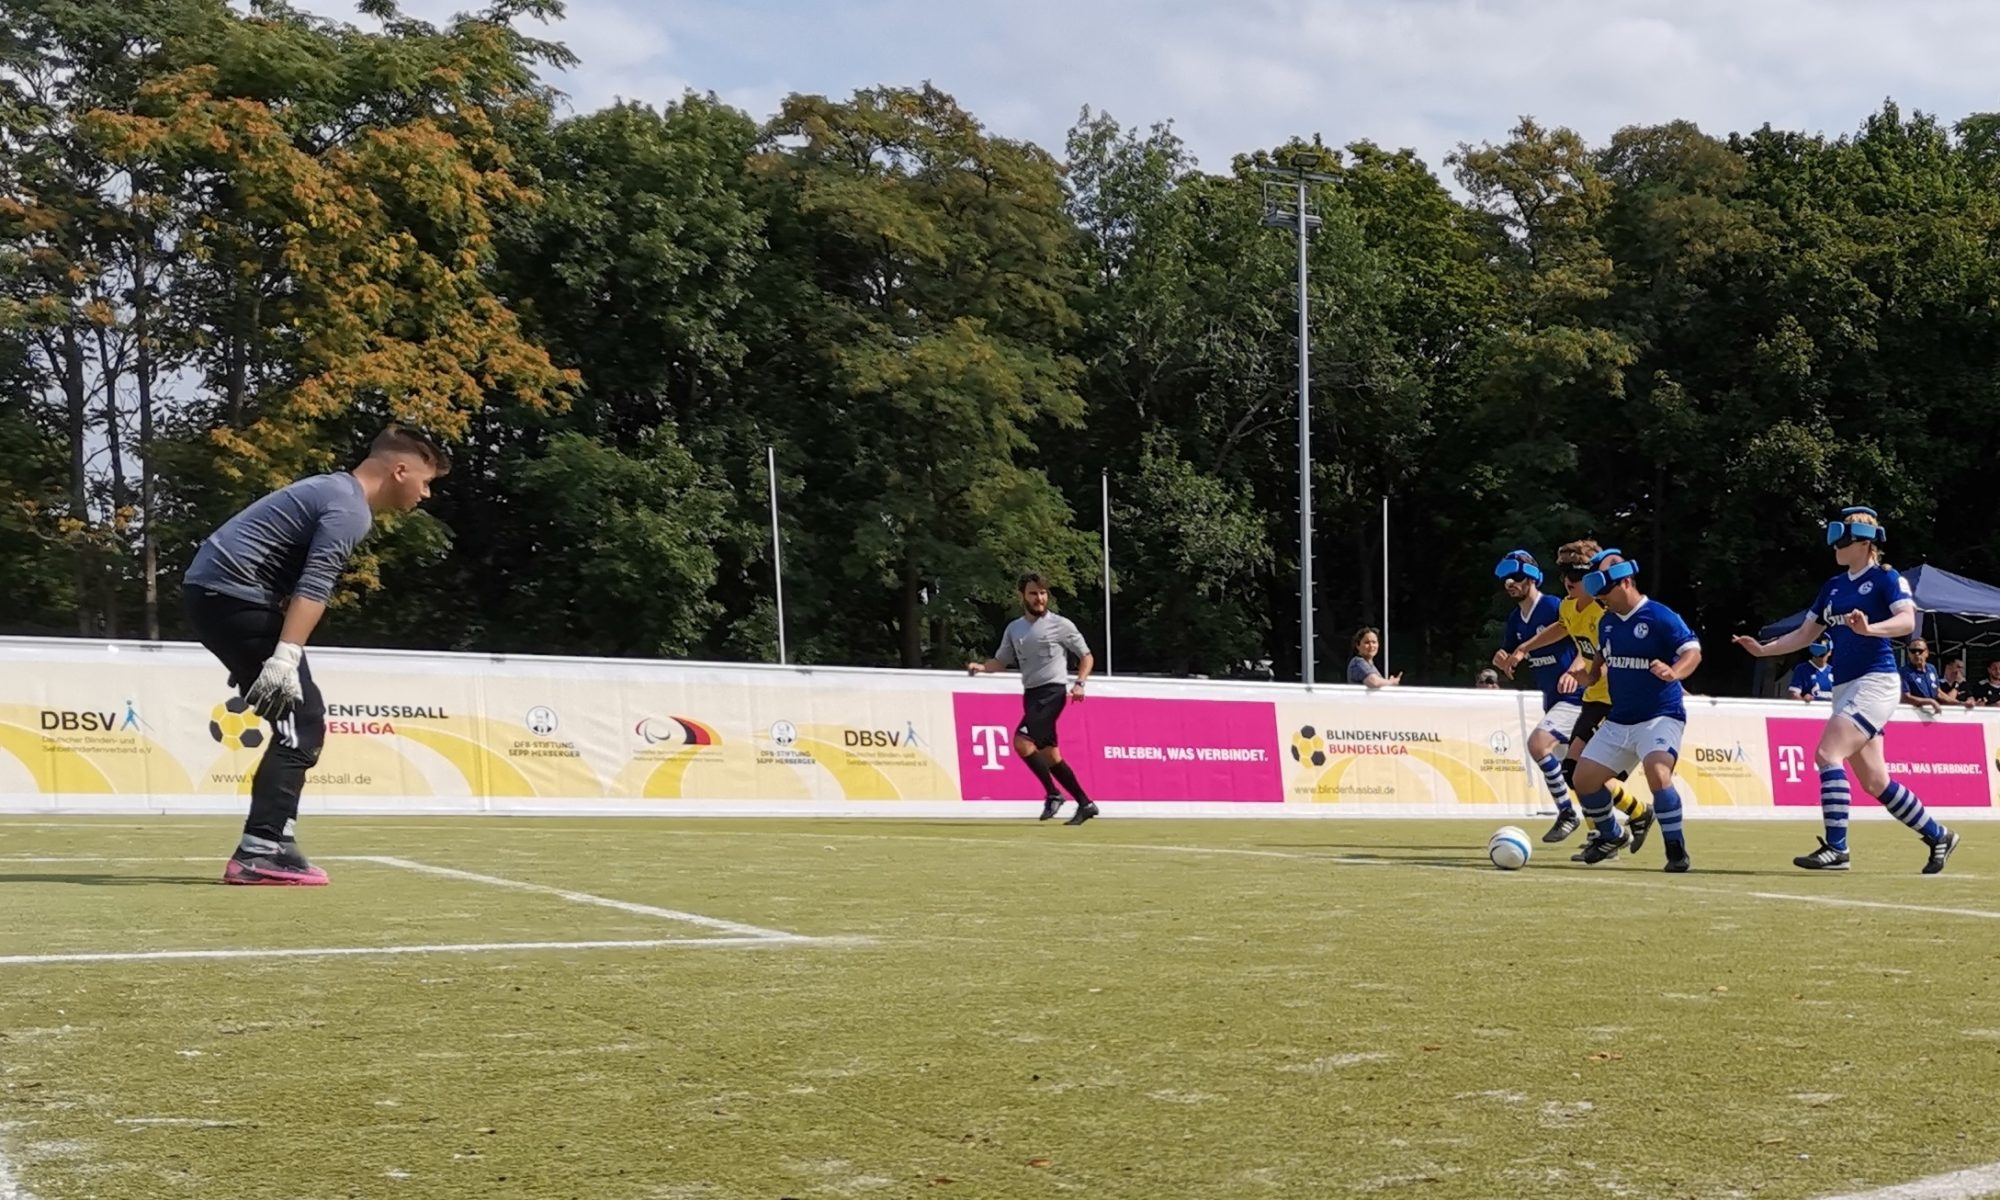 Borussia Dortmund feierte in Berlin einen geluingenen Auftakt in die Blindenfußball-Bindesligasaison. Hier versucht BVB-Angreifer Jonas Fuhrmann einen Treffer zu erzielen. Foto: Jonas Bargmann